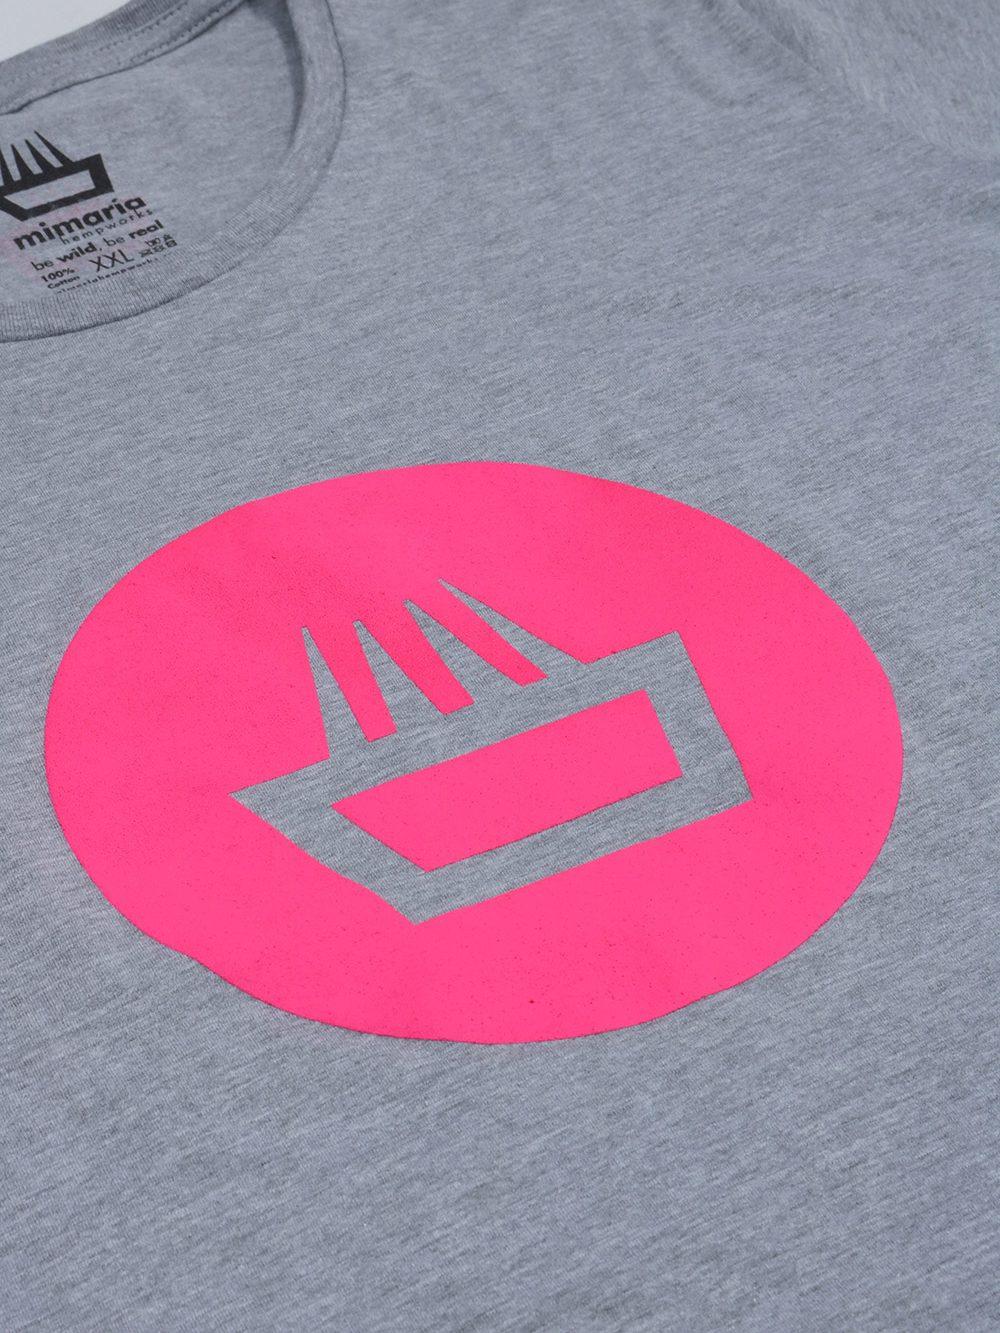 Camiseta mimaría hempworks para chica de color gris y logo negative fucsia